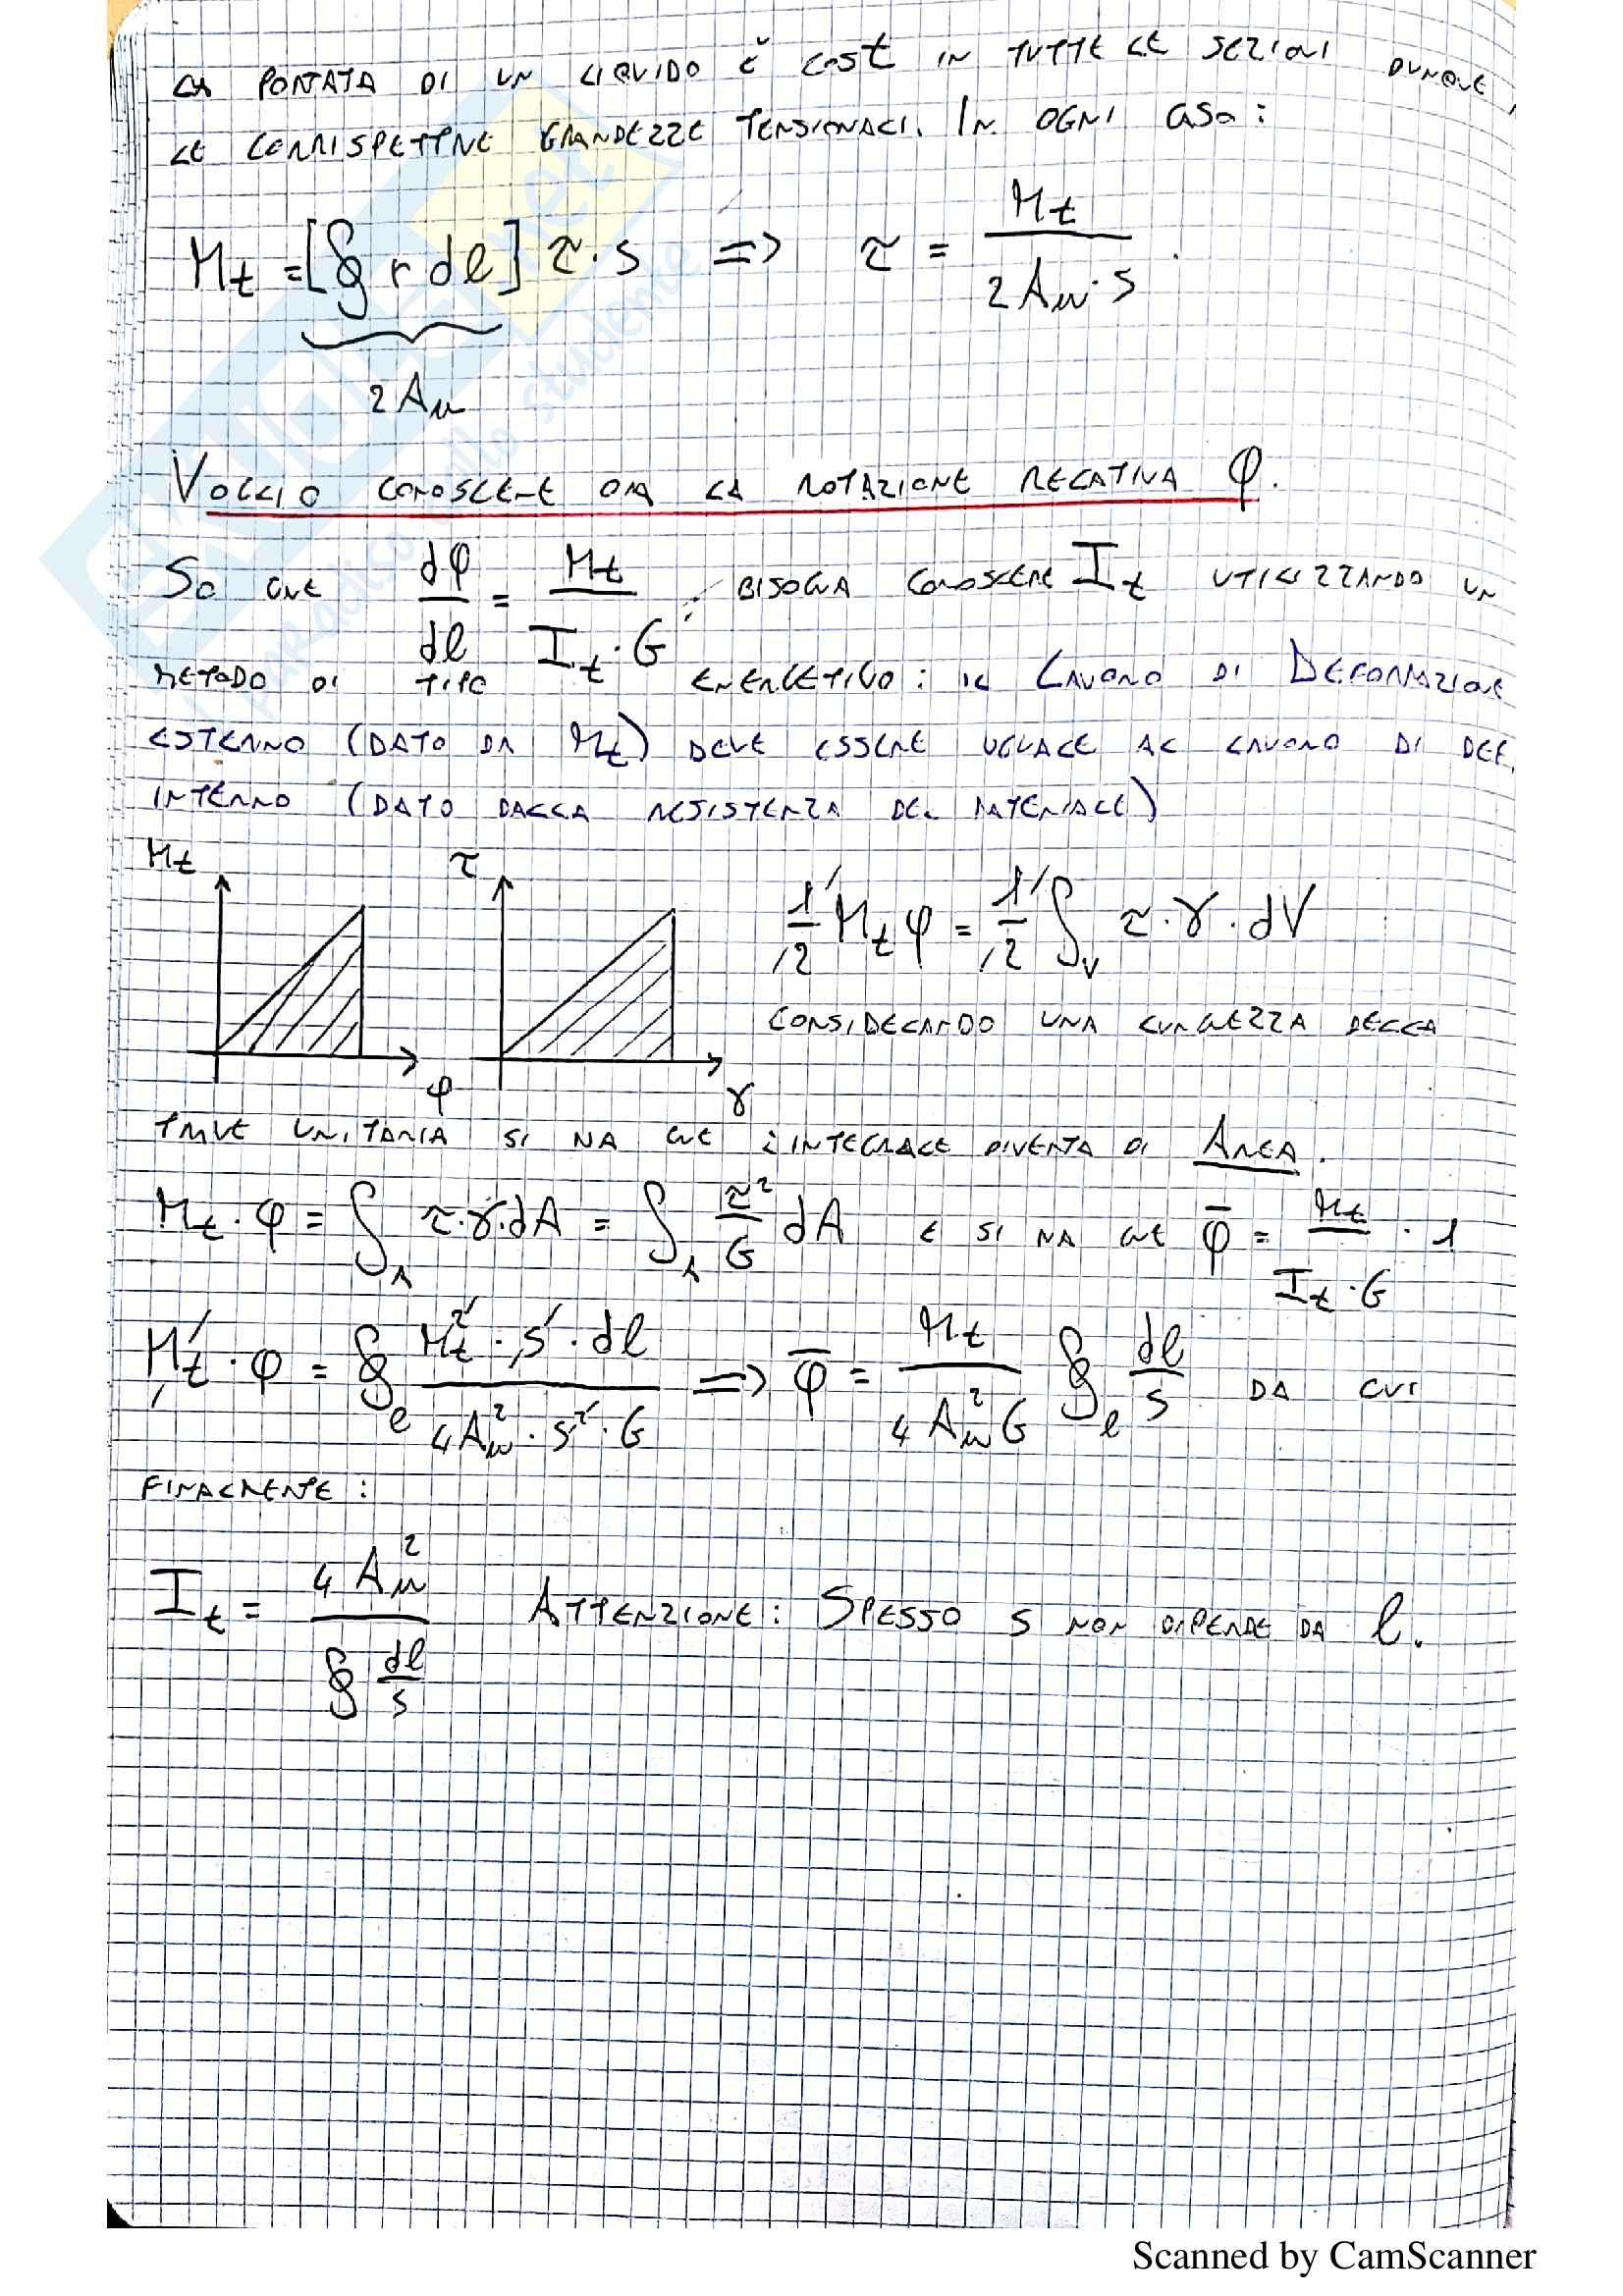 Dario Croccolo, Costruzione Di Macchine T (Appunti di Teoria) Pag. 16